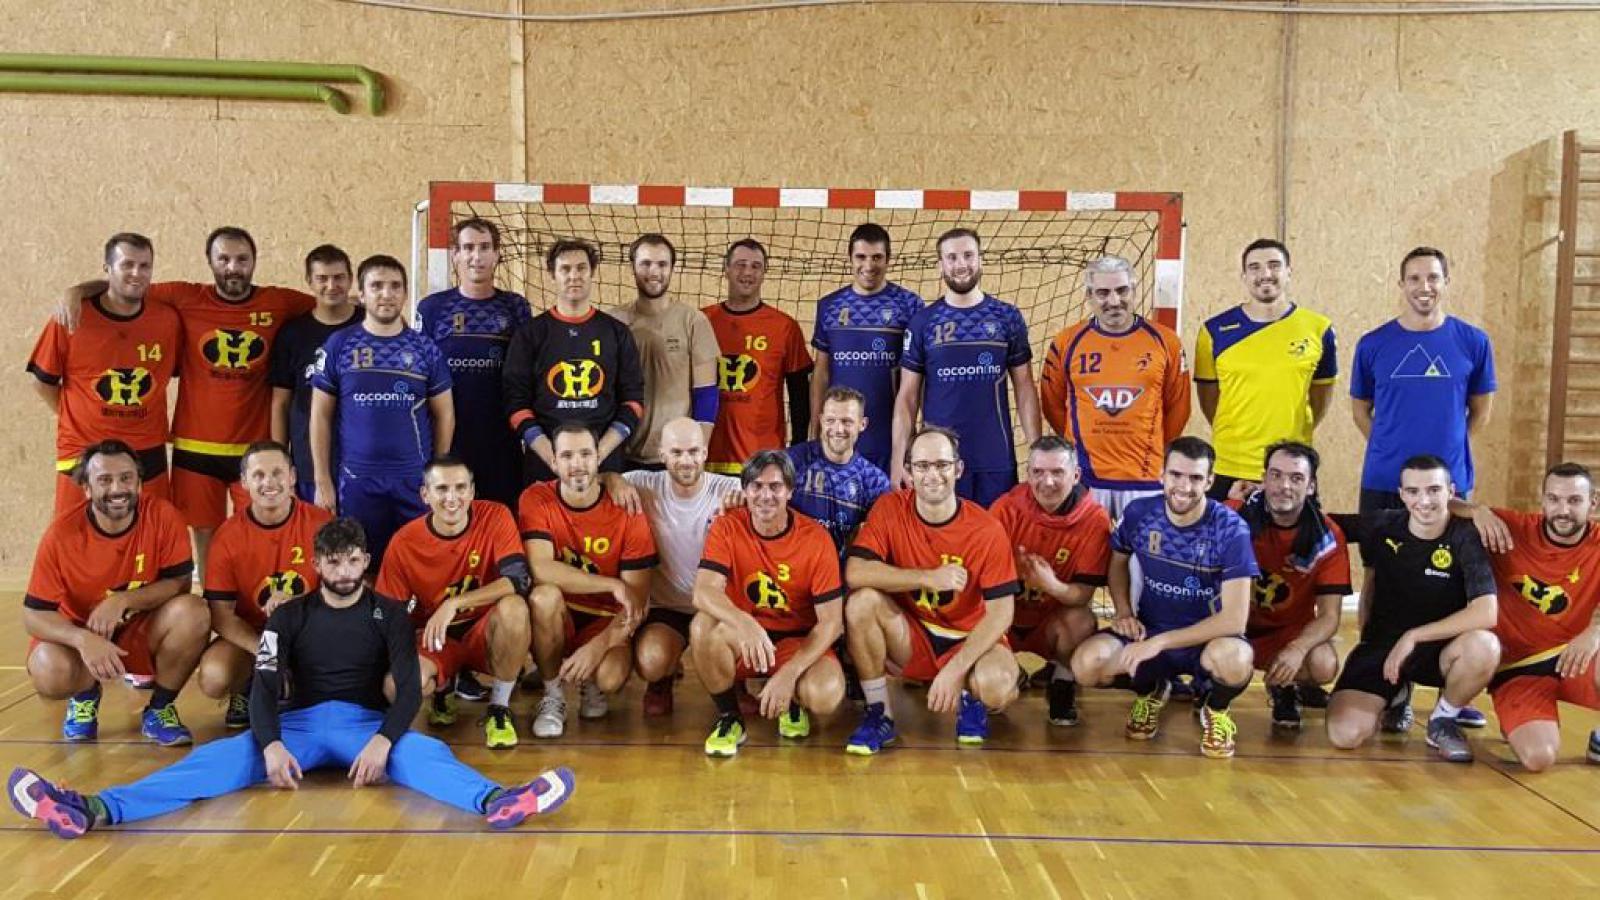 Les Hindestructibles Site Du Vertou Handball